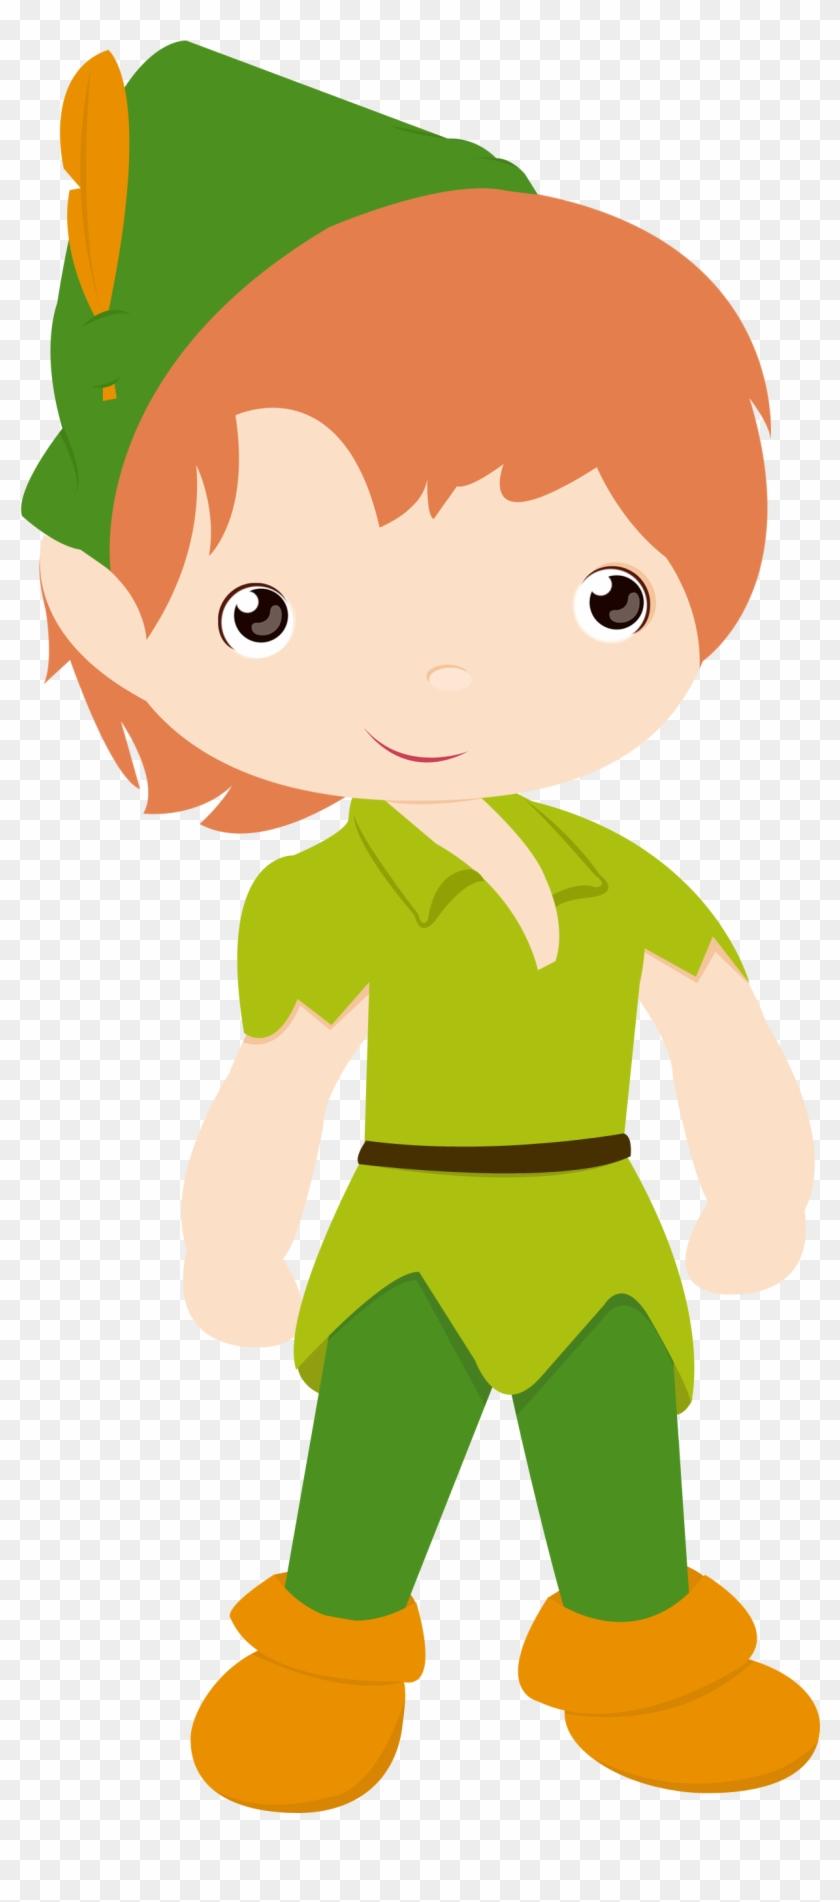 Peter Pan E Sininho - Robin Hood Clipart Png #24853